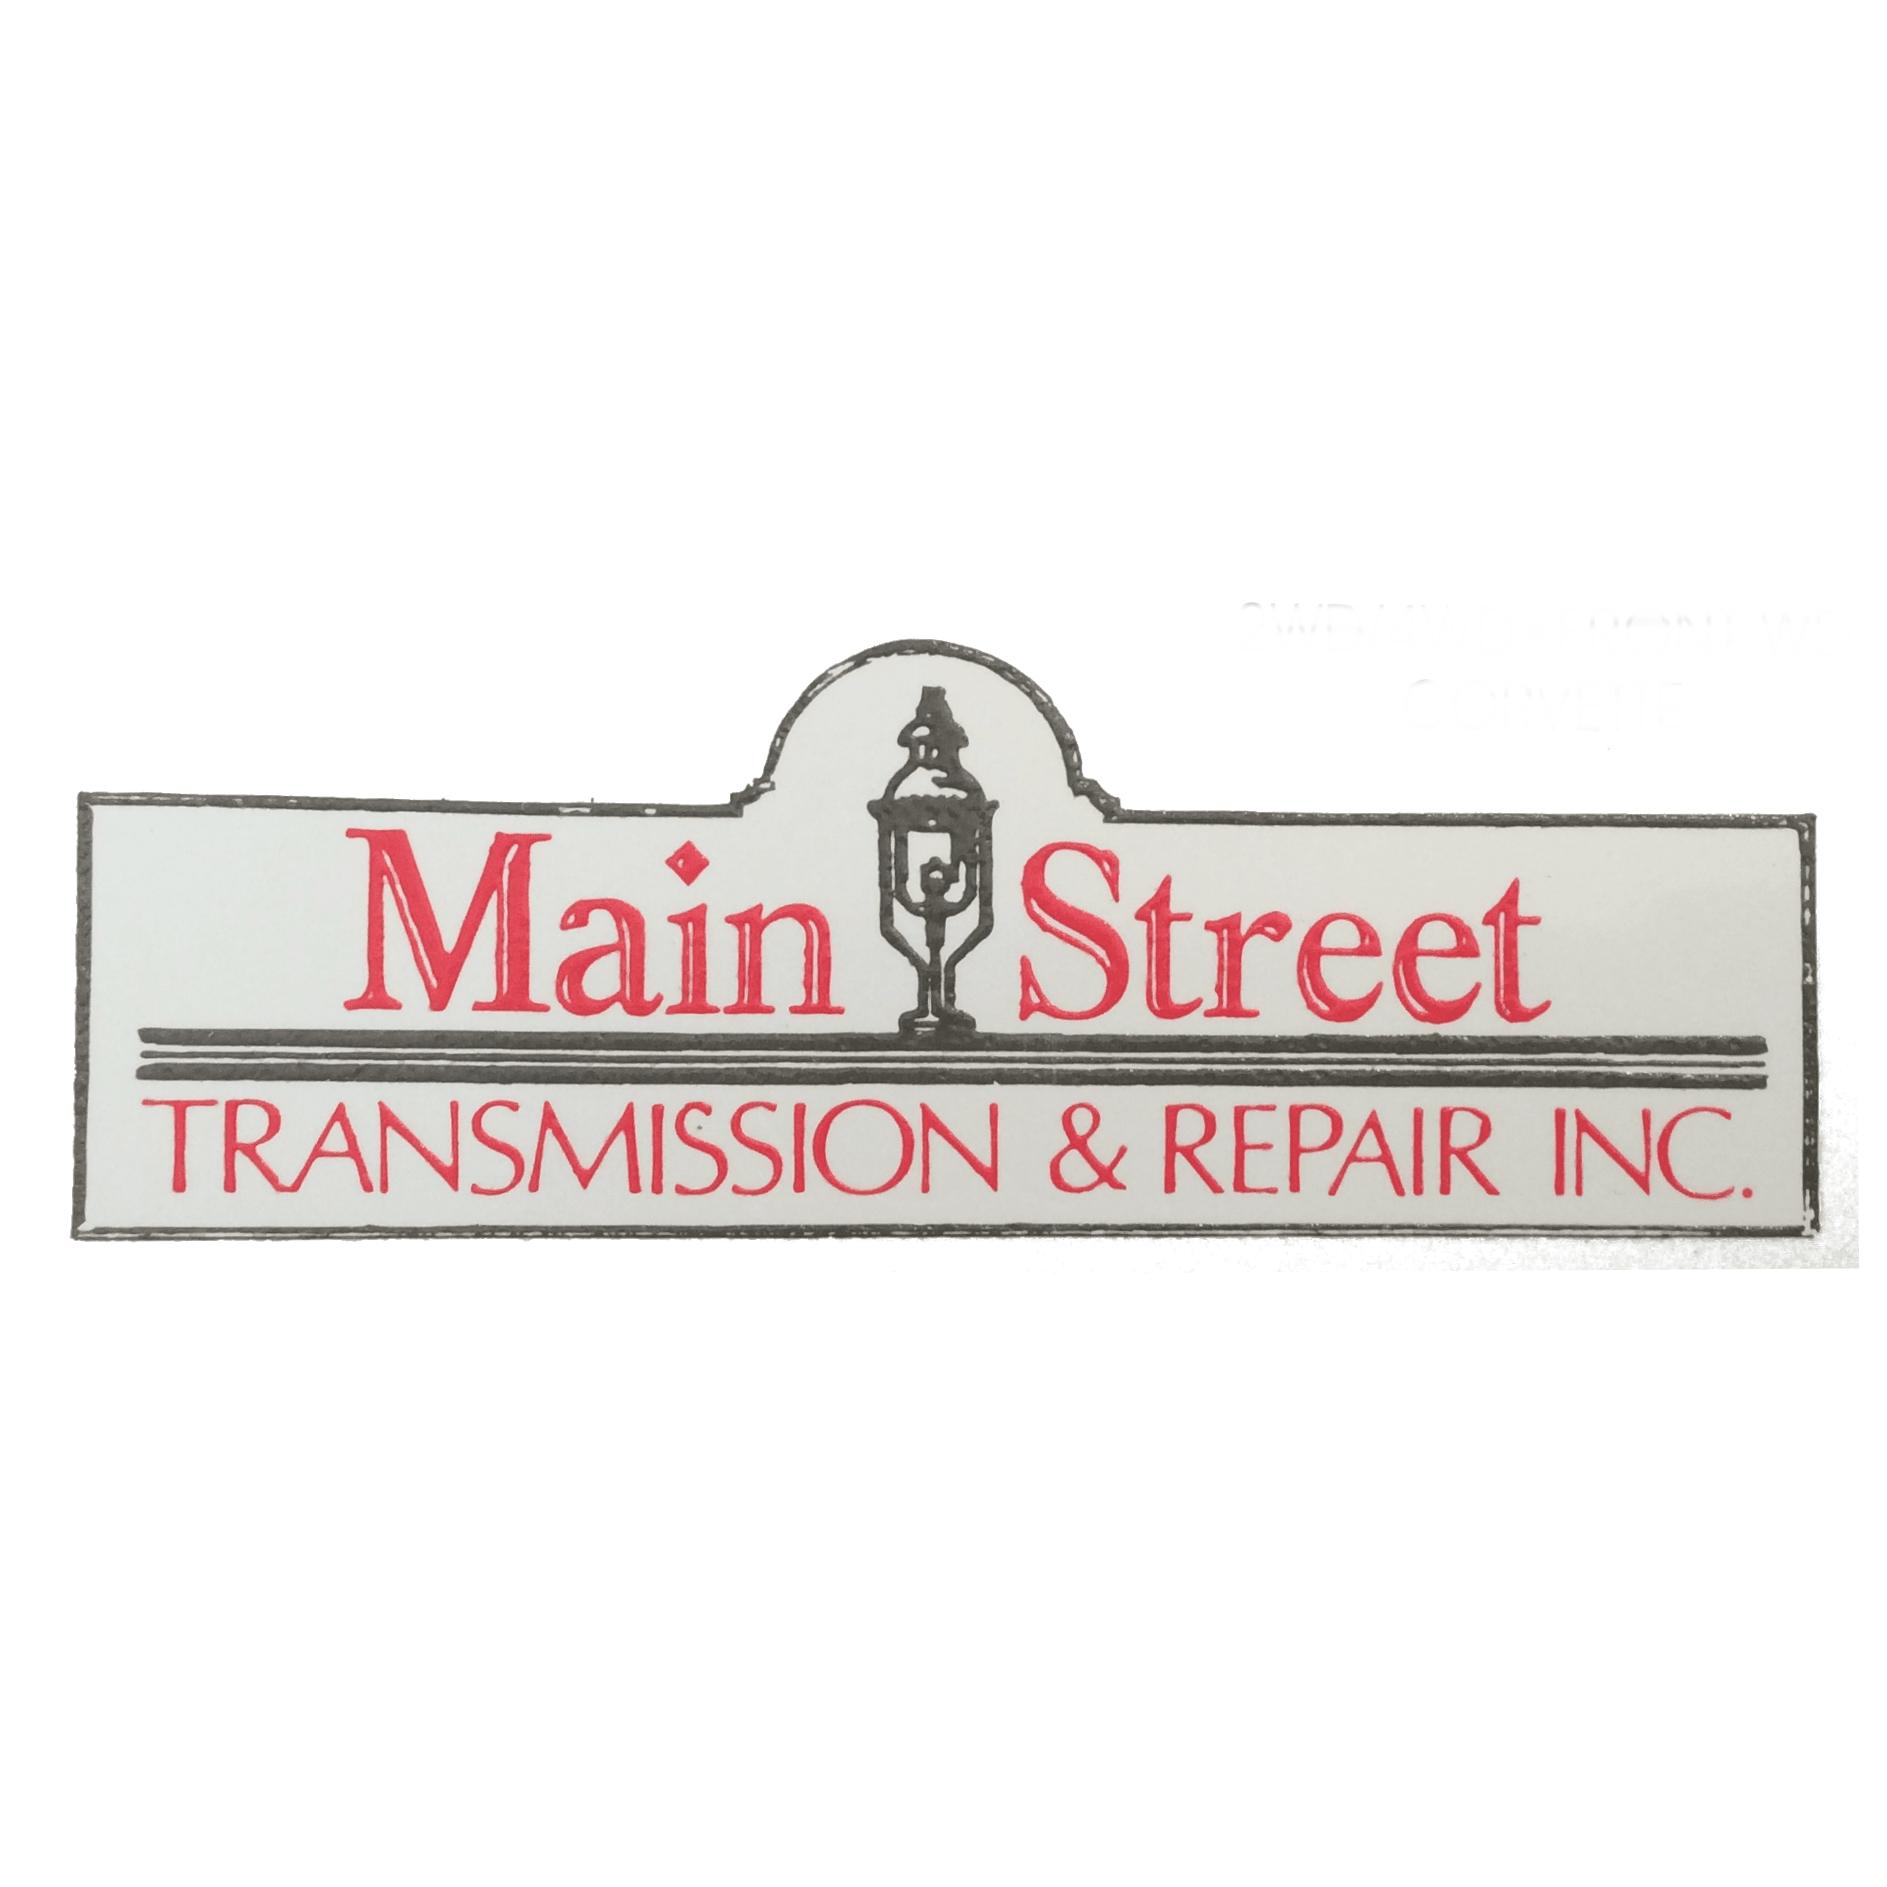 Main Street Transmission & Repair Inc.